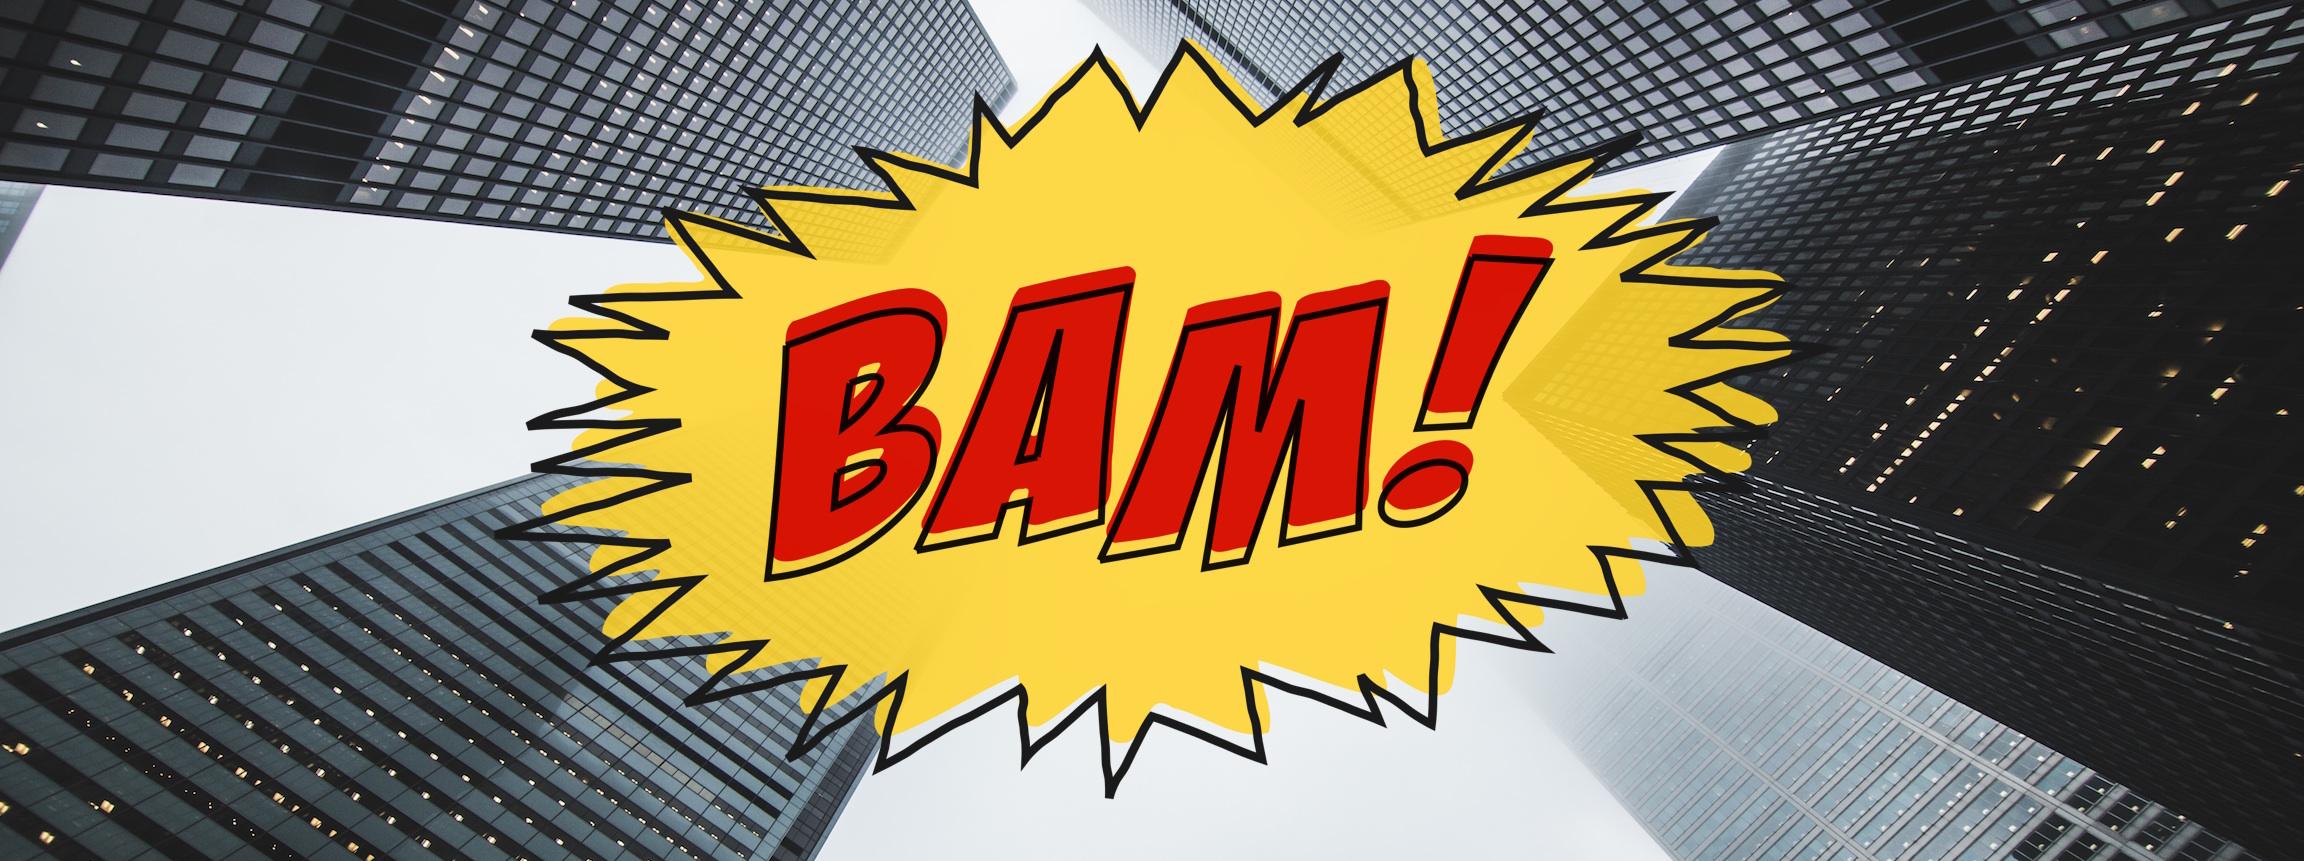 BAM sessie, workshop, Bedrijfsstrategie, inspiratie